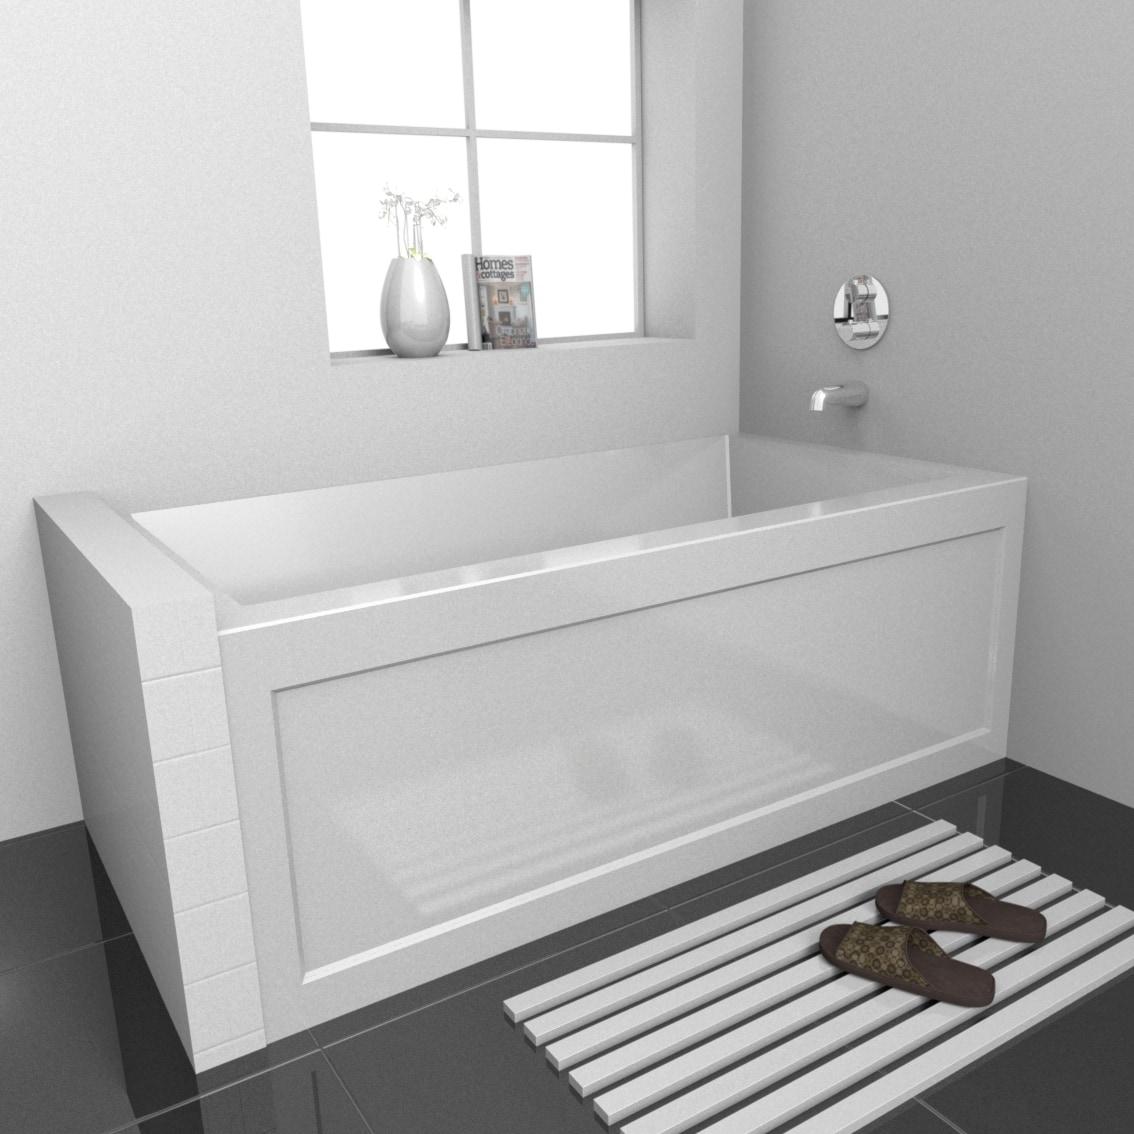 High Gloss Acrylic / Rectangular EQUA 5430 skirted bathtub in high-gloss acrylic 0